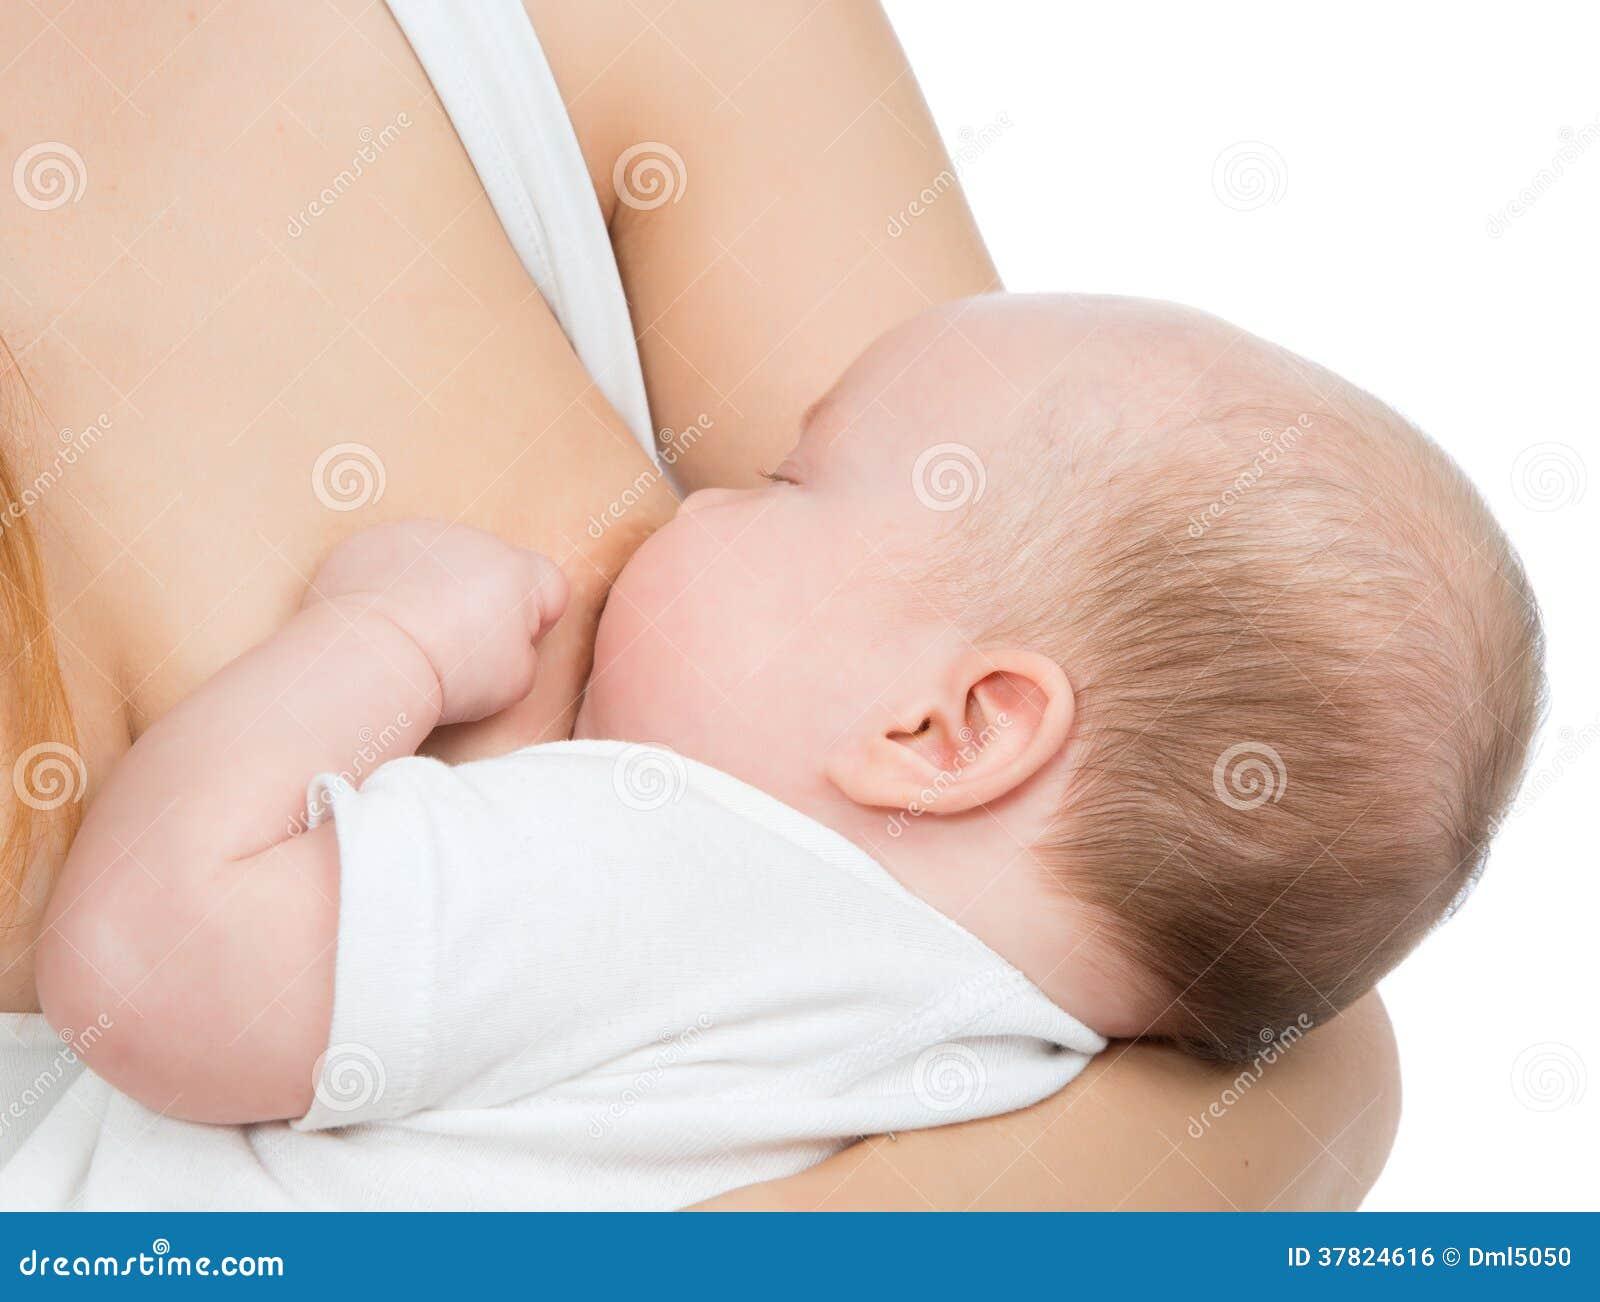 Quite Infant breast milk